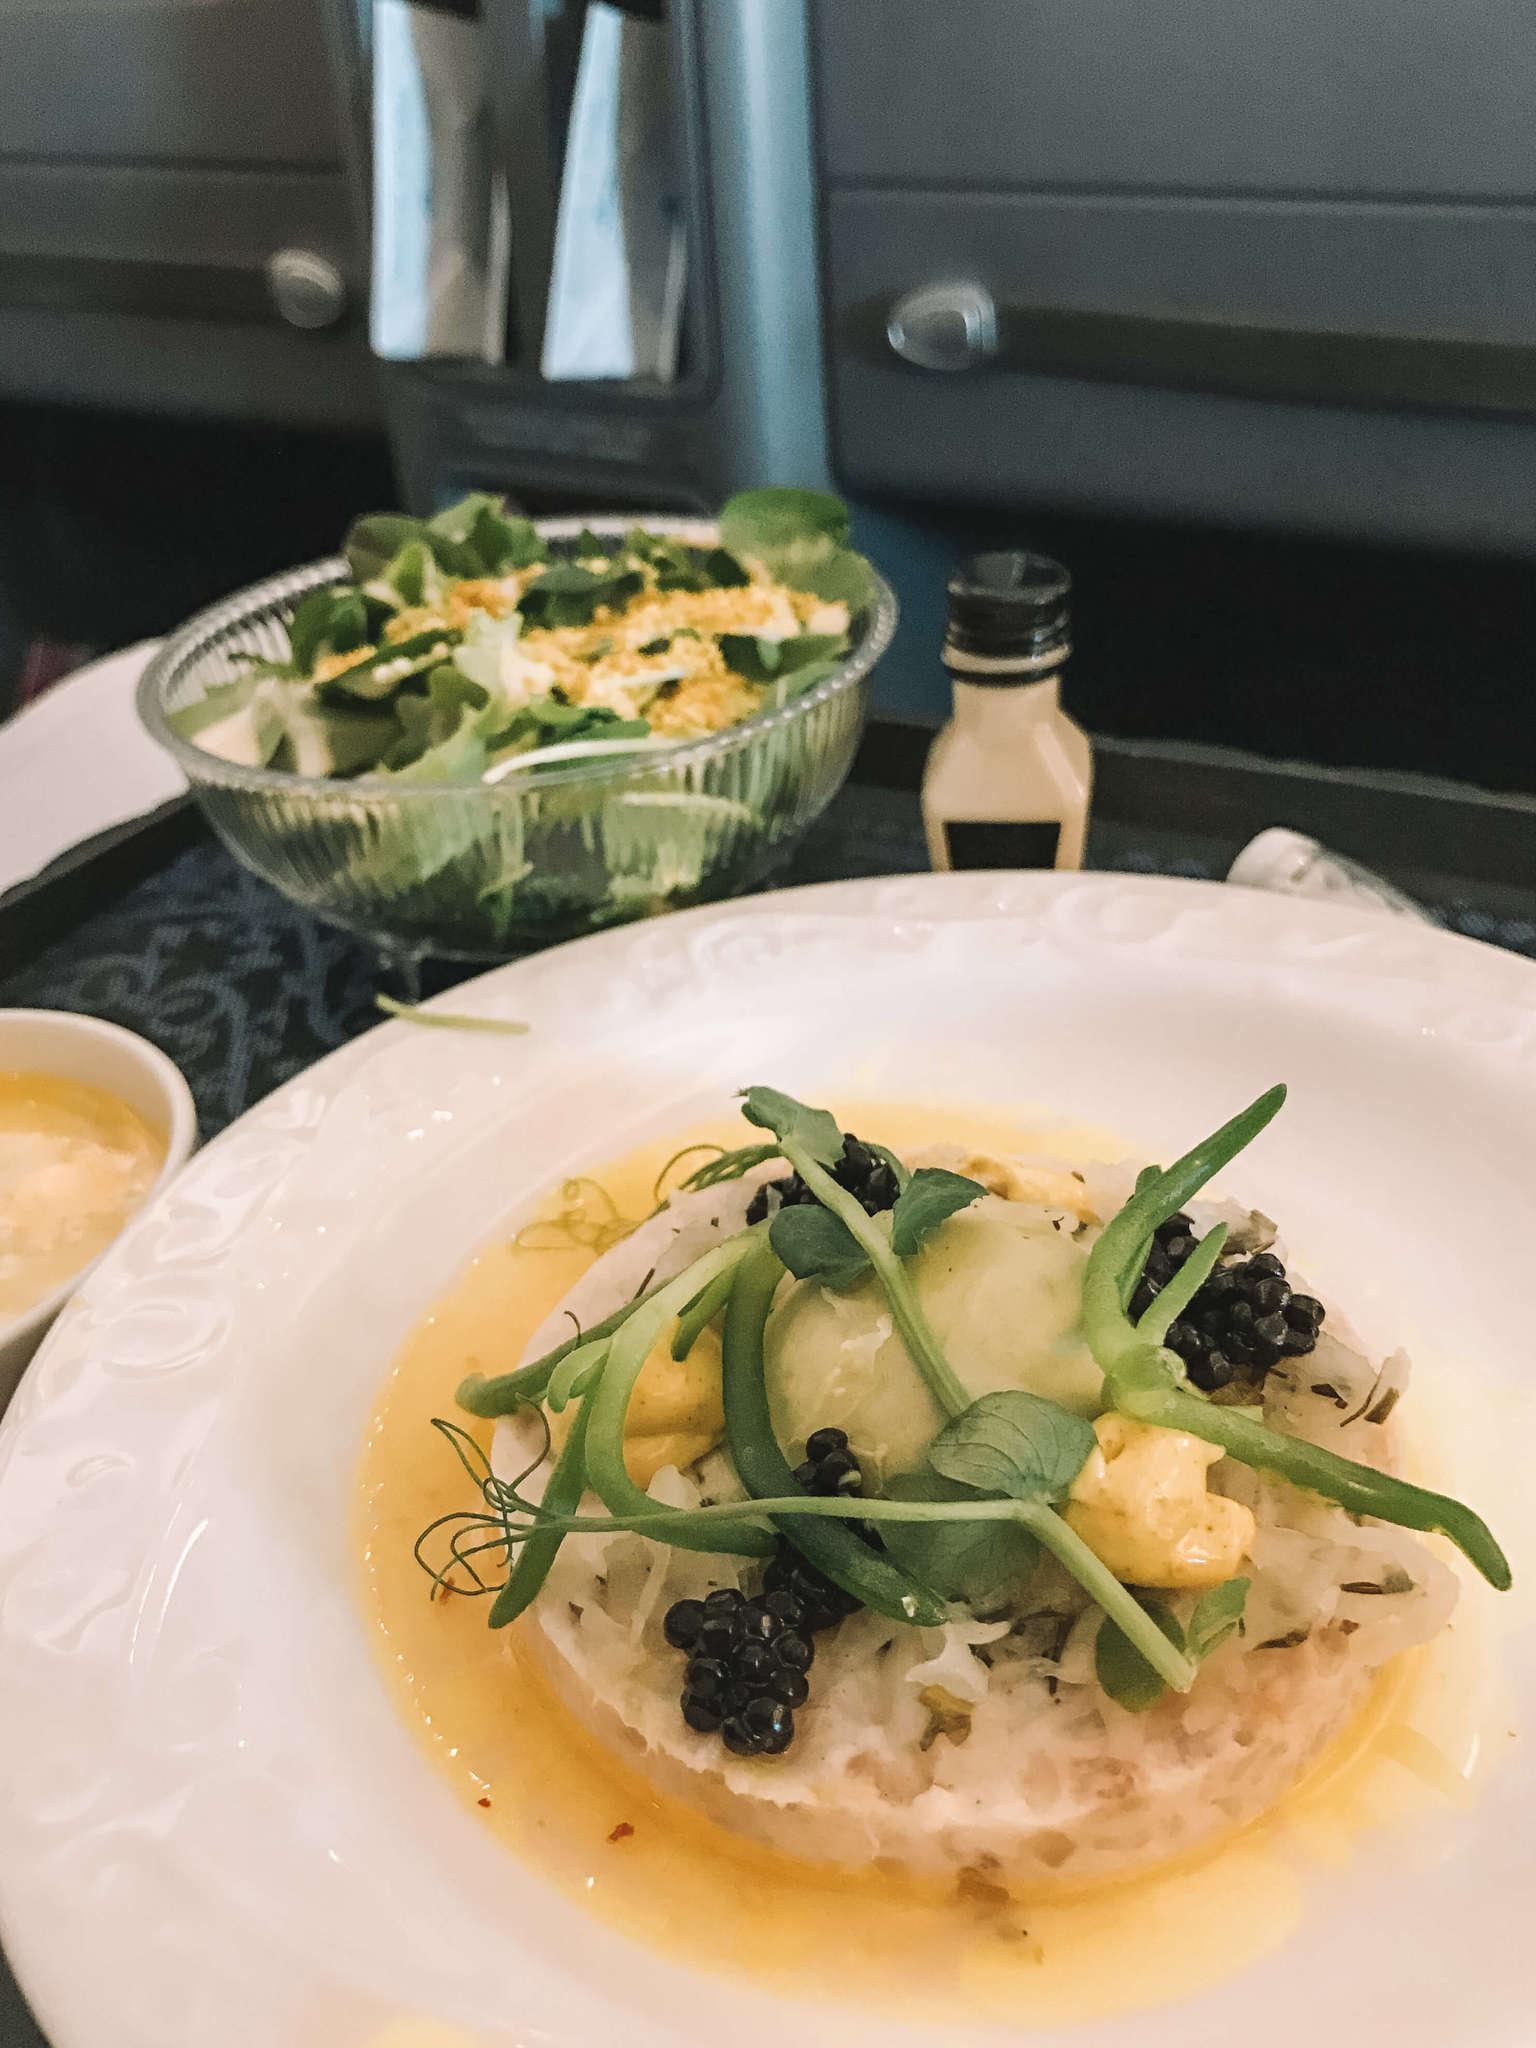 KLM Business Class Flight meal 2